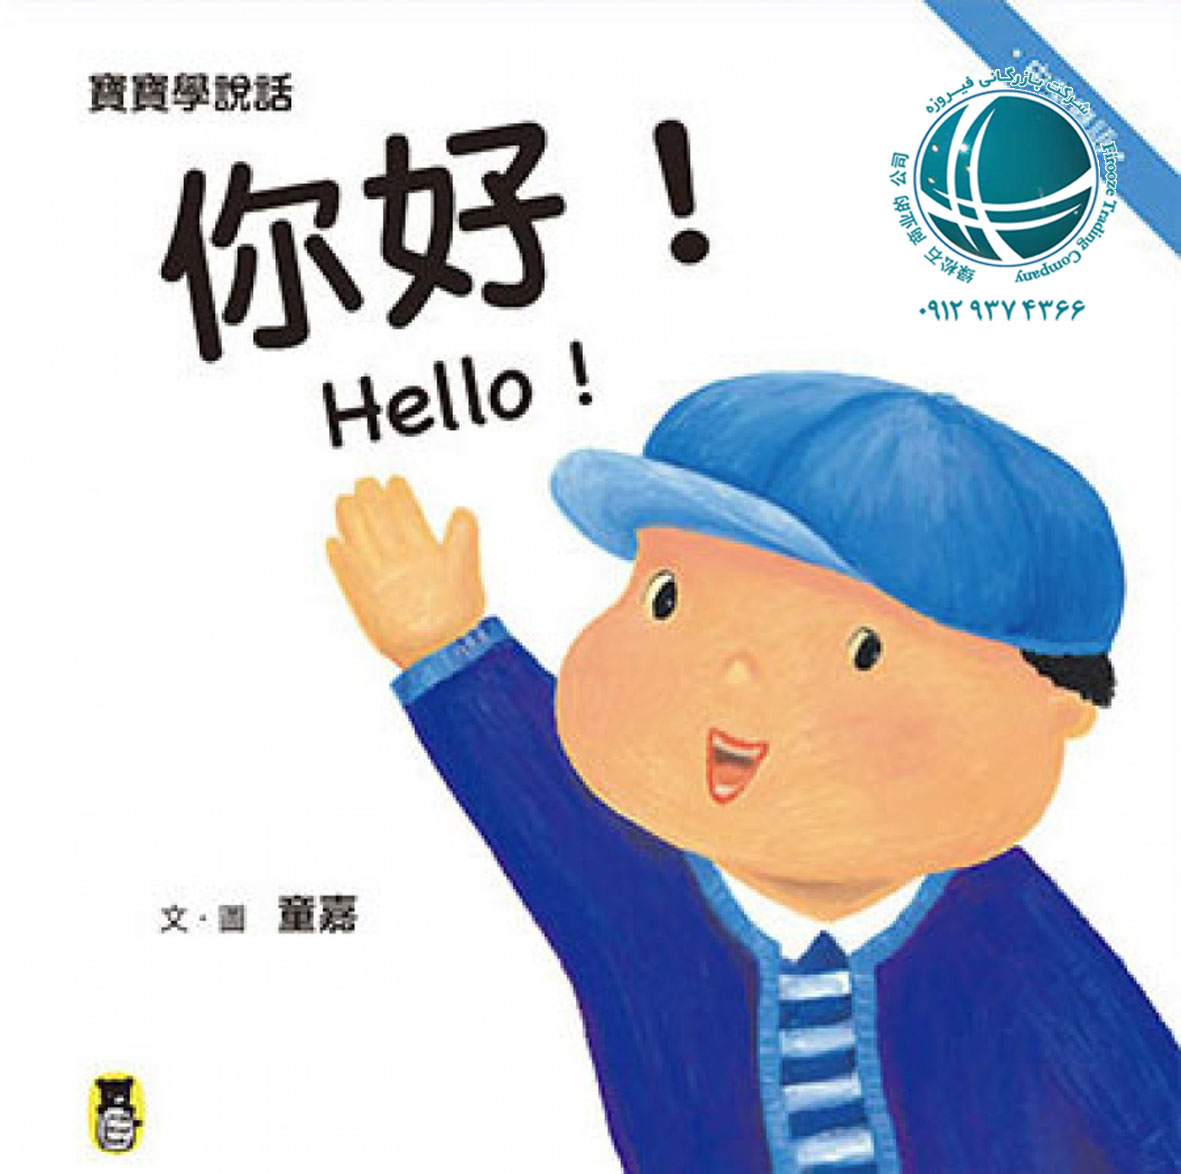 خرید در چین, واردات, ترخیص, گمرک, بازرگانی, تعرفه گمرکی, شرکت بازرگانی, ترخیصکار, واردات کالا, واردات از چین, خرید از چین, مترجم چینی, زبان چینی